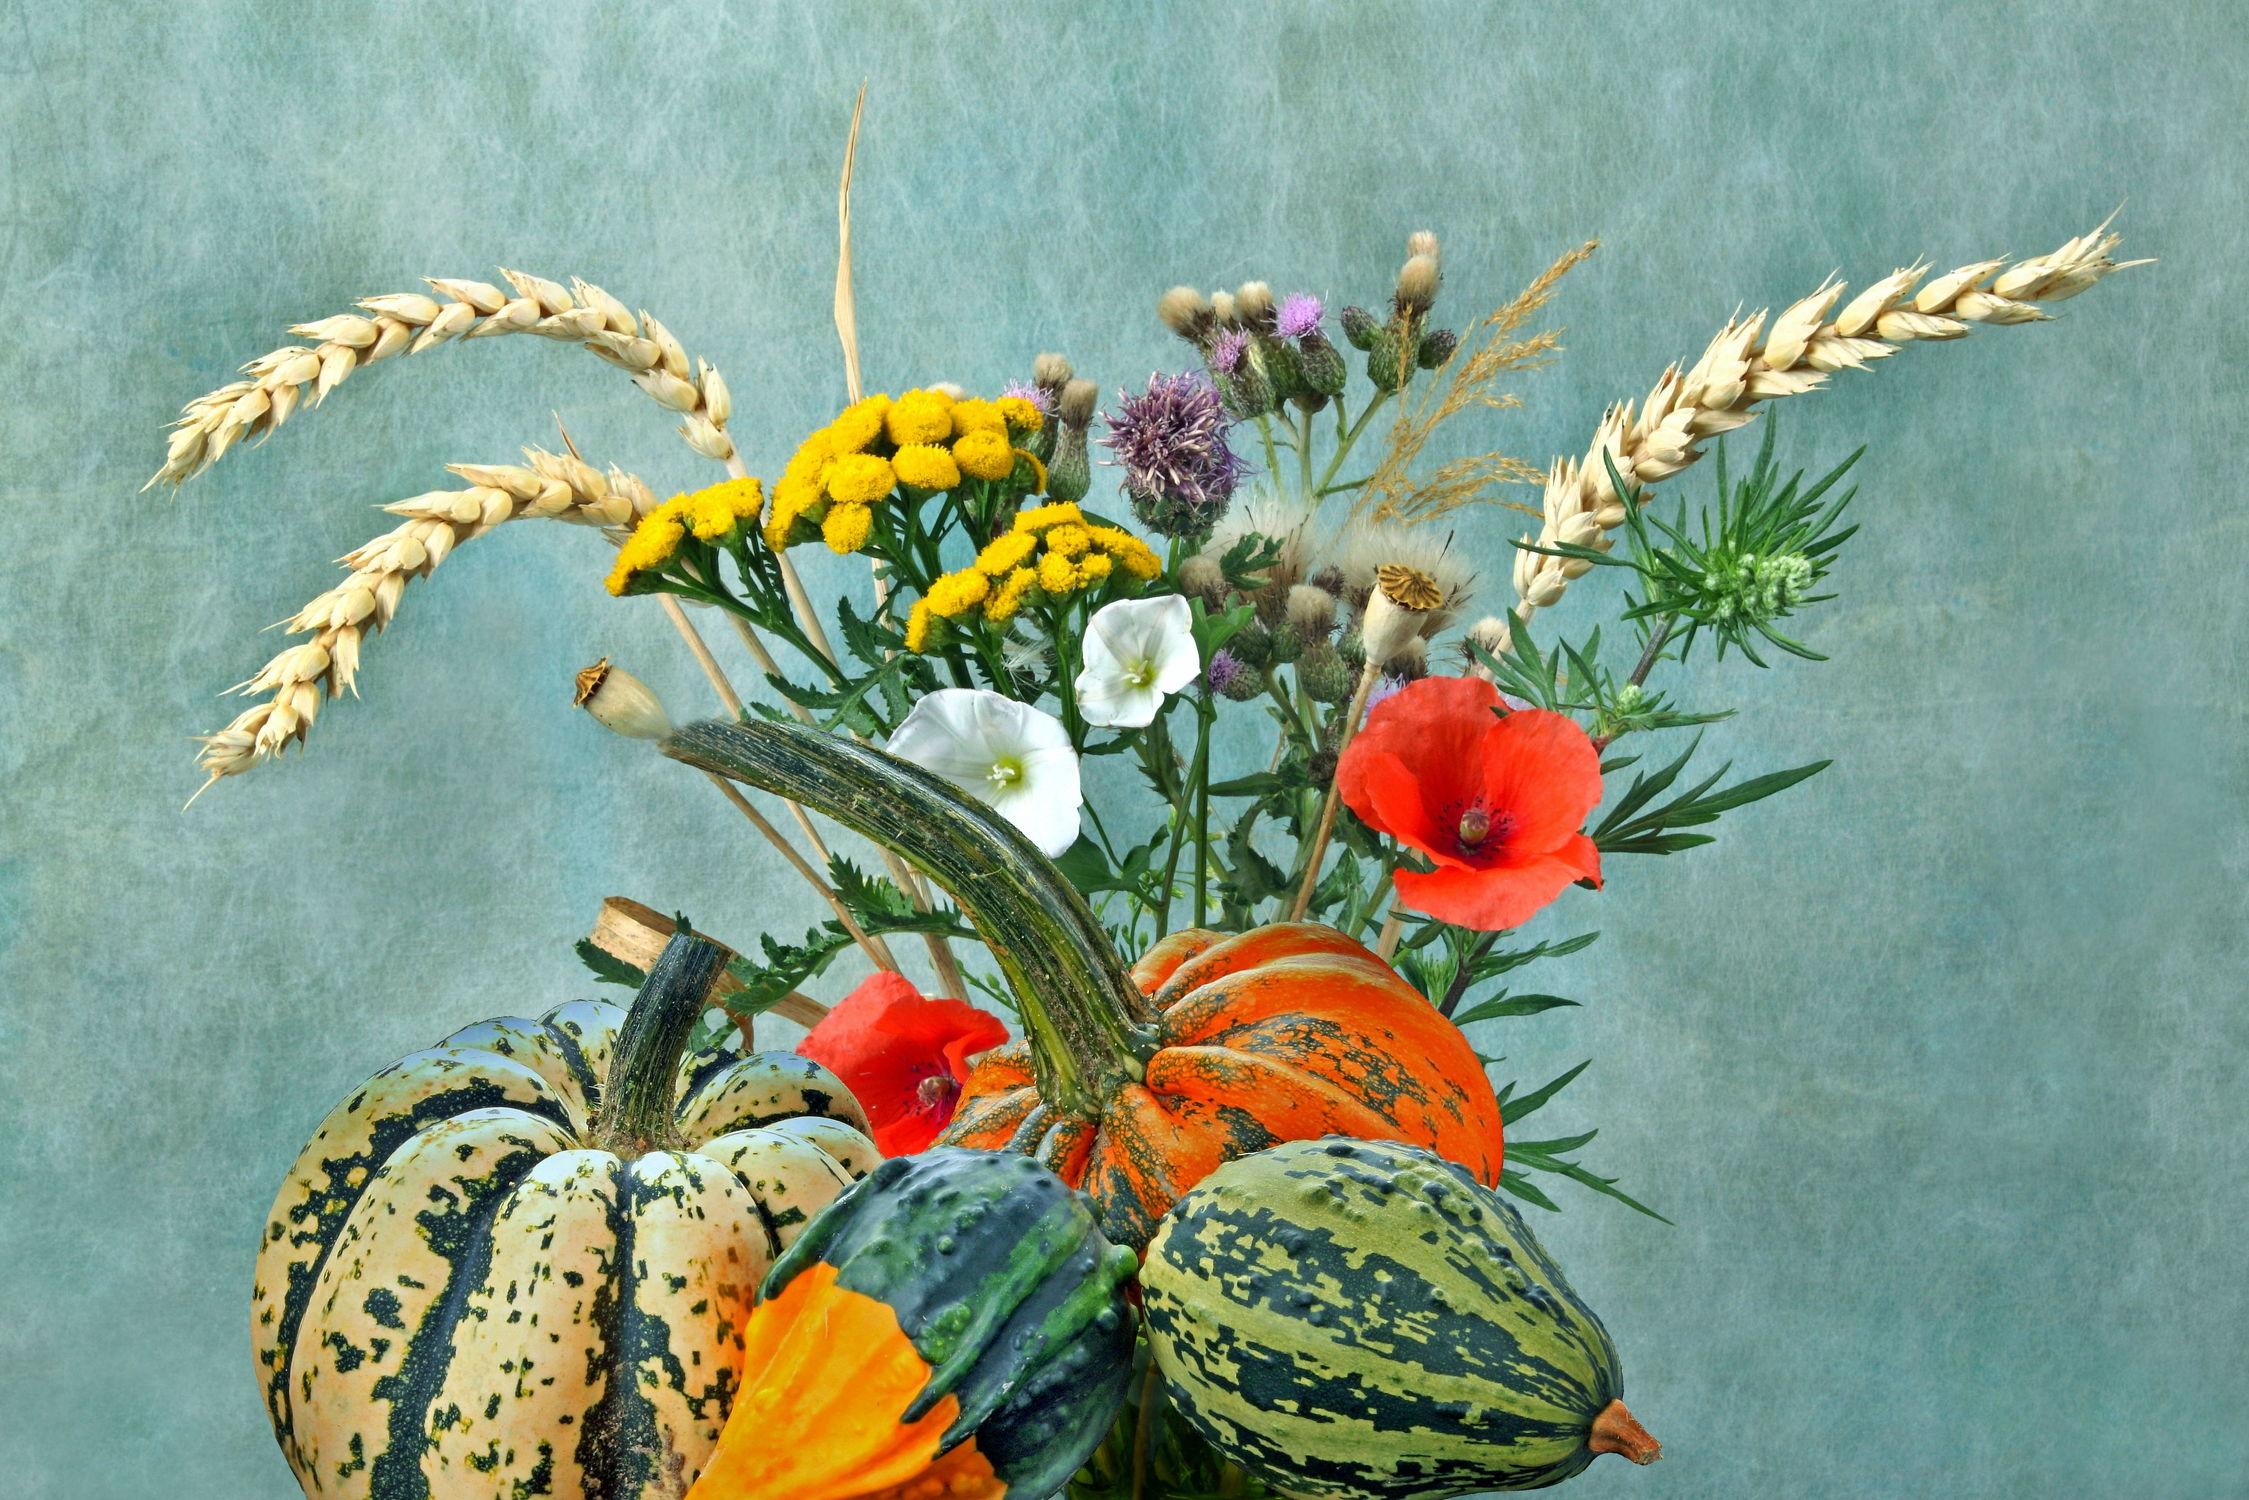 Bild mit Pflanzen, Blumen, Getreide, Mohn, Blume, Pflanze, Feldblumen, Floral, Stilleben, Blüten, Florales, blüte, Gerste, Kürbisse, Kürbis, mohnblüten